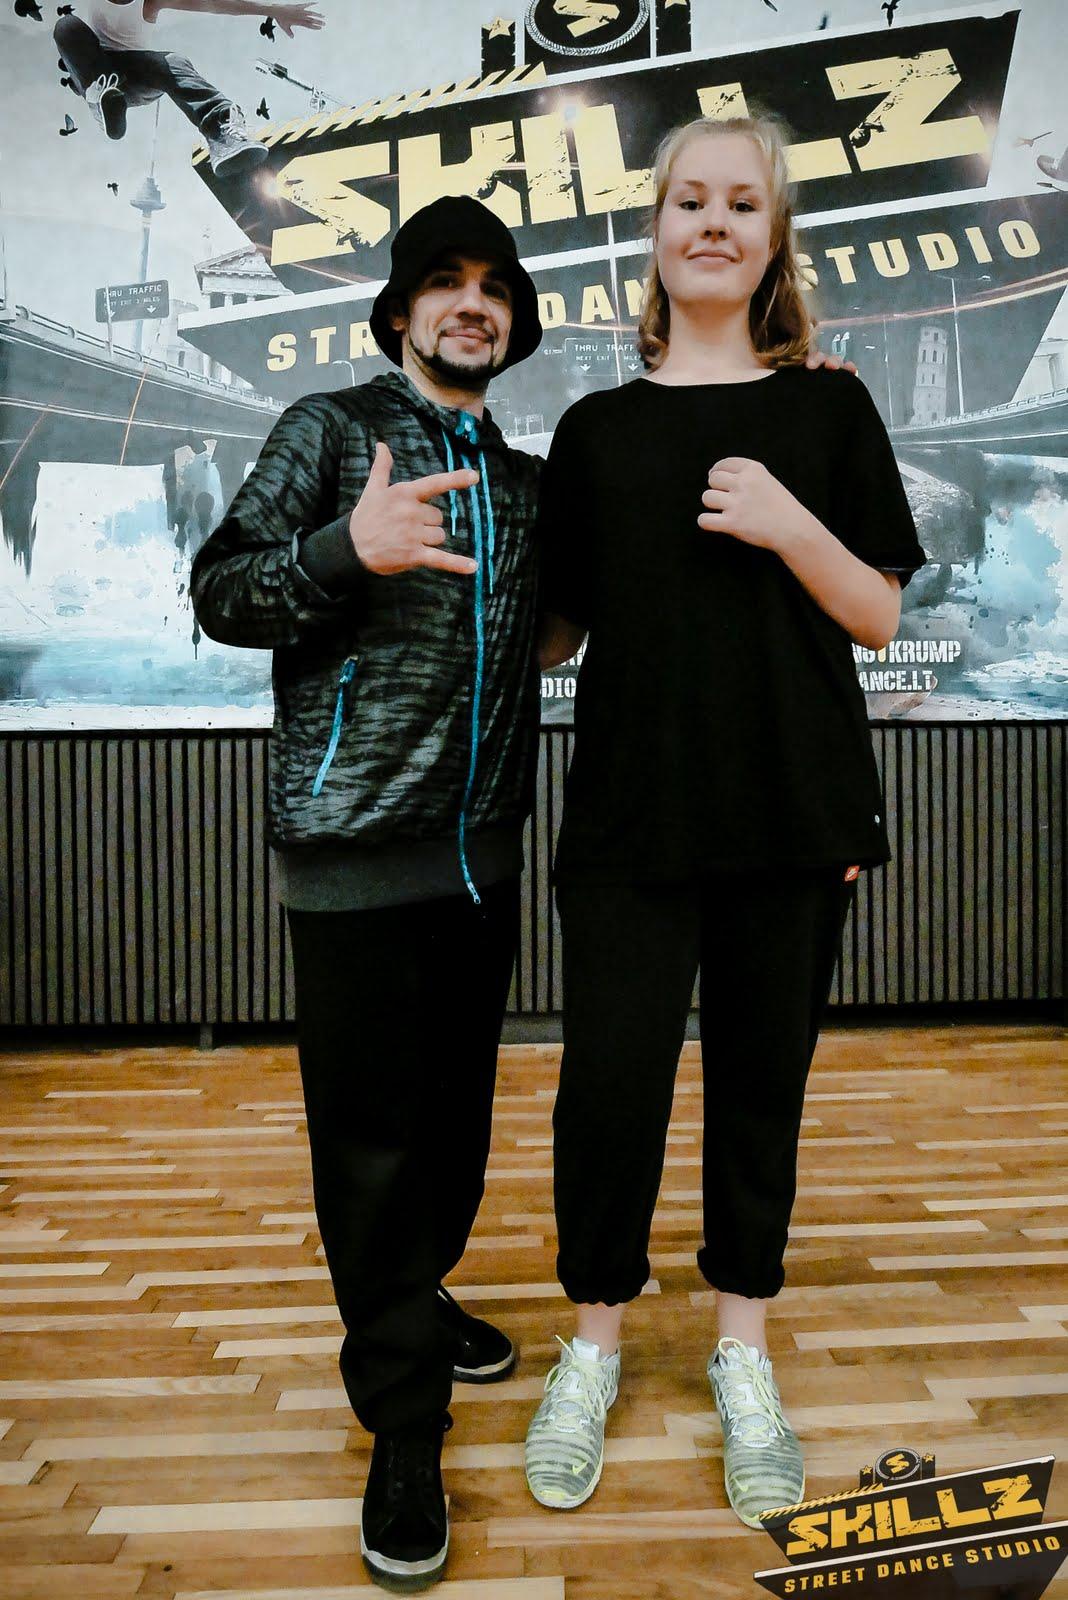 Hip hop seminaras su Jeka iš Maskvos - _1050300.jpg